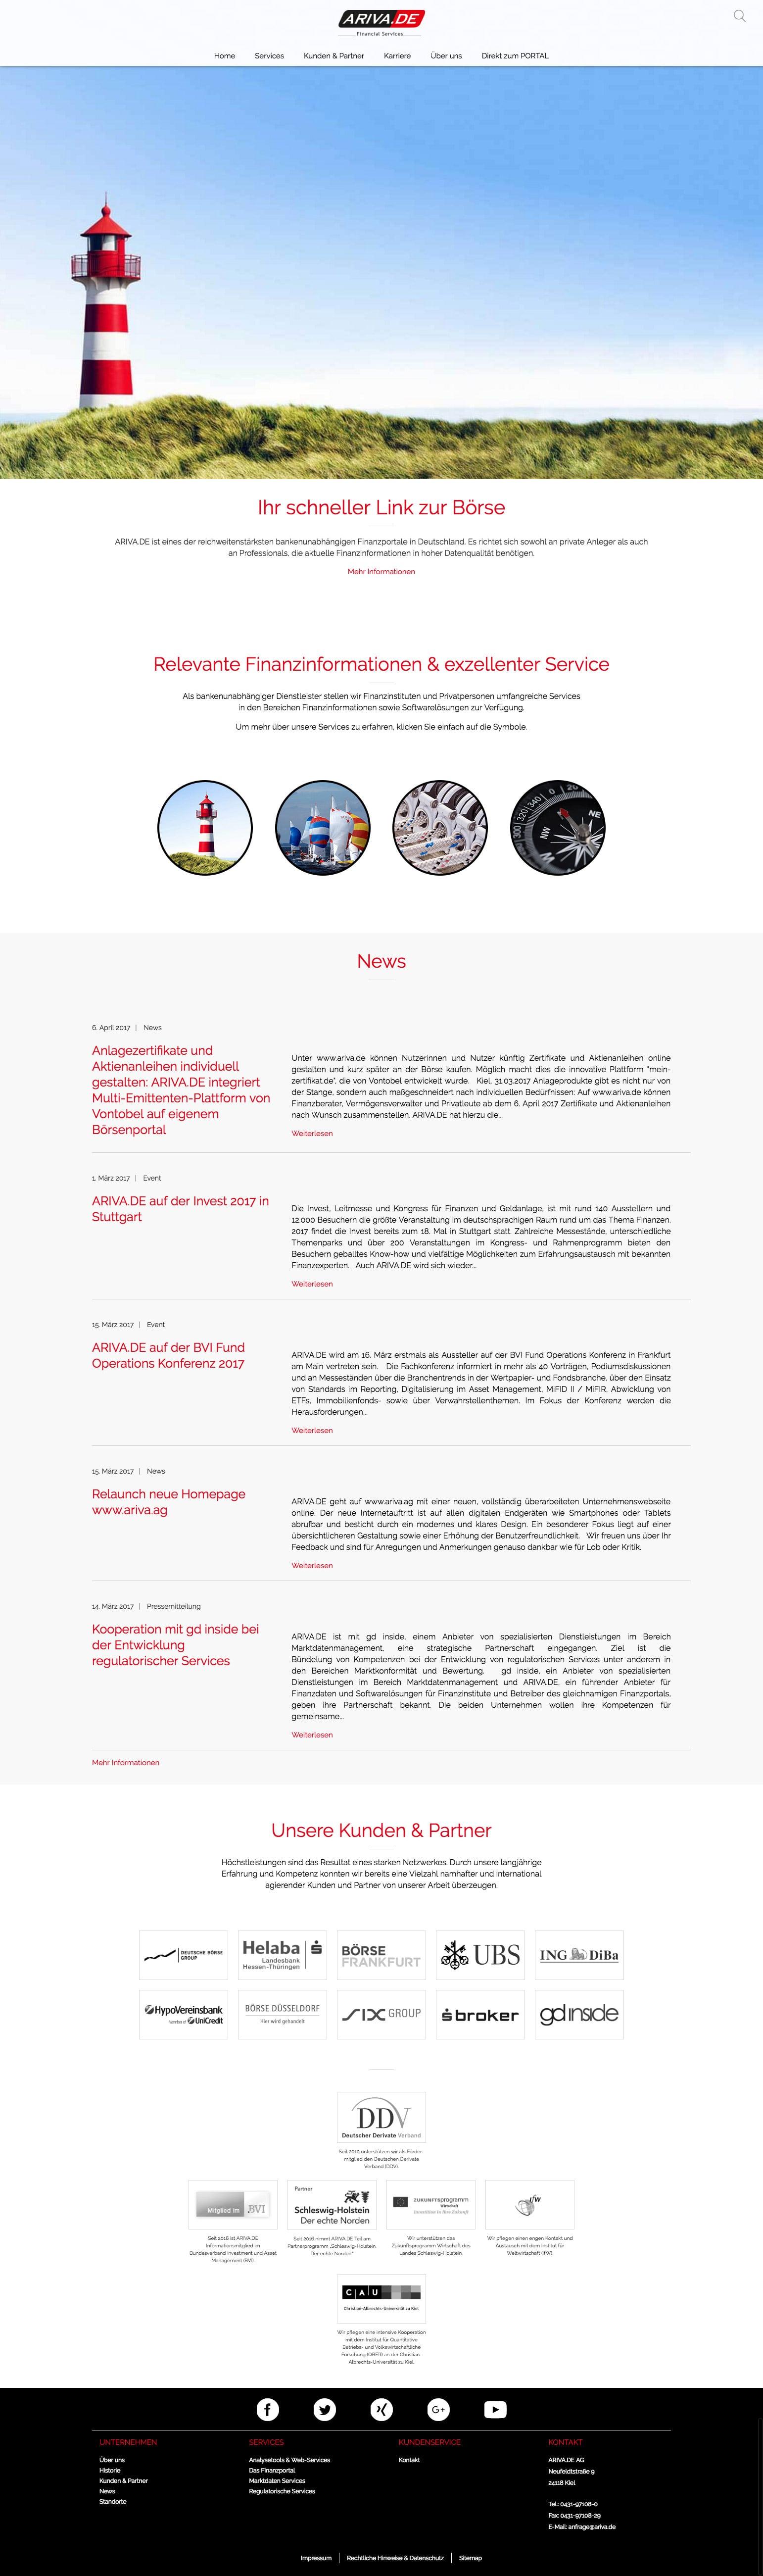 Abreathoffreshairfor financial news